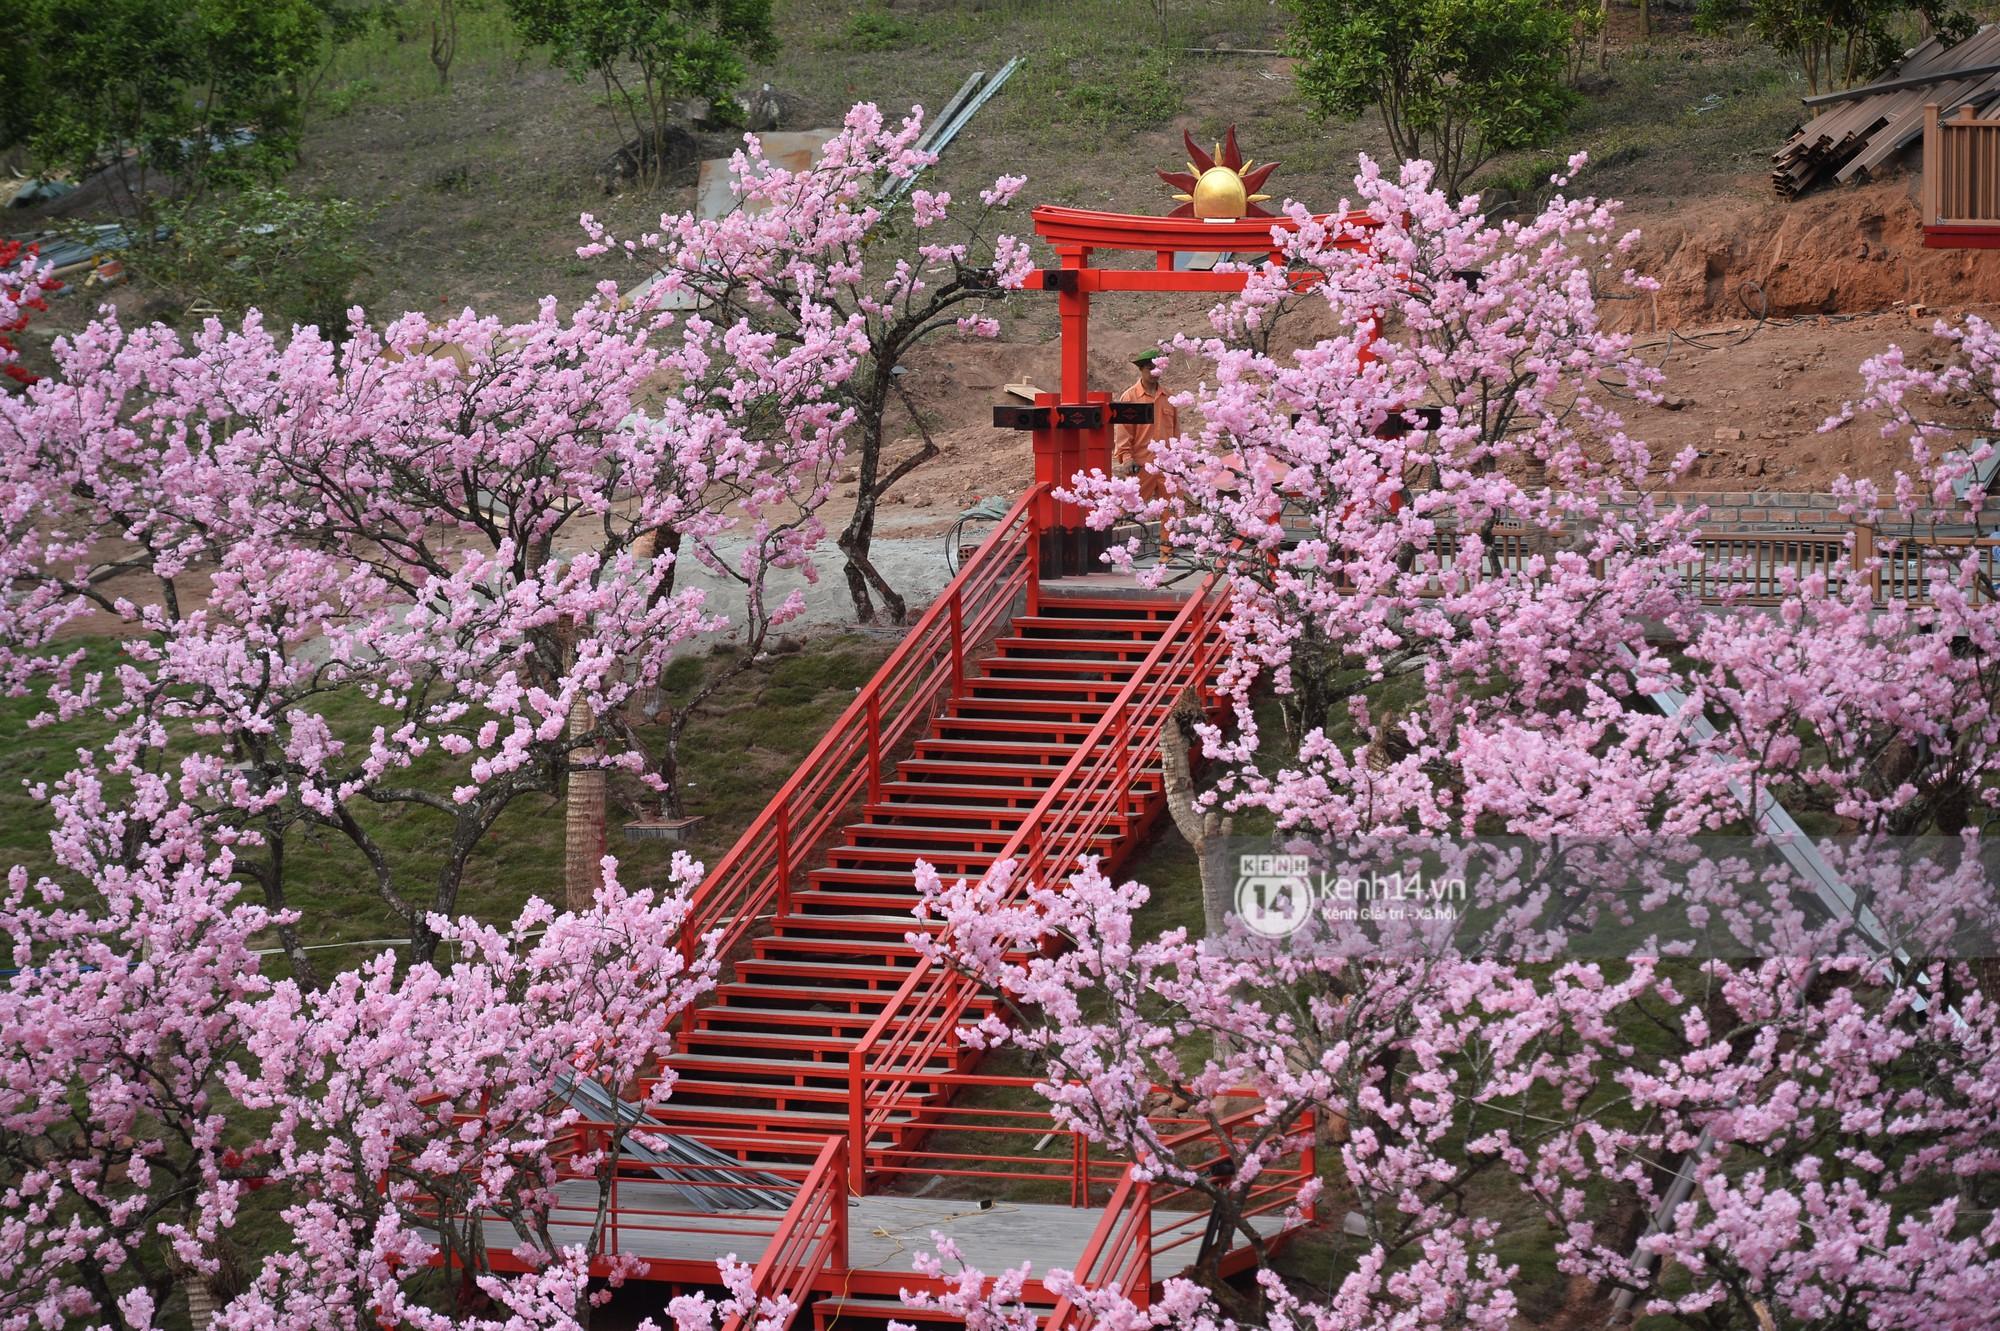 Ngoài ra khi đến đây, du khách sẽ còn được tham quan rất nhiều điểm dừng chân lôi cuốn như: Ga hẹn hò, Đền tình yêu, Cổng mặt trời… Tất cả đều mang hơi hướng kiến trúc Nhật Bản.